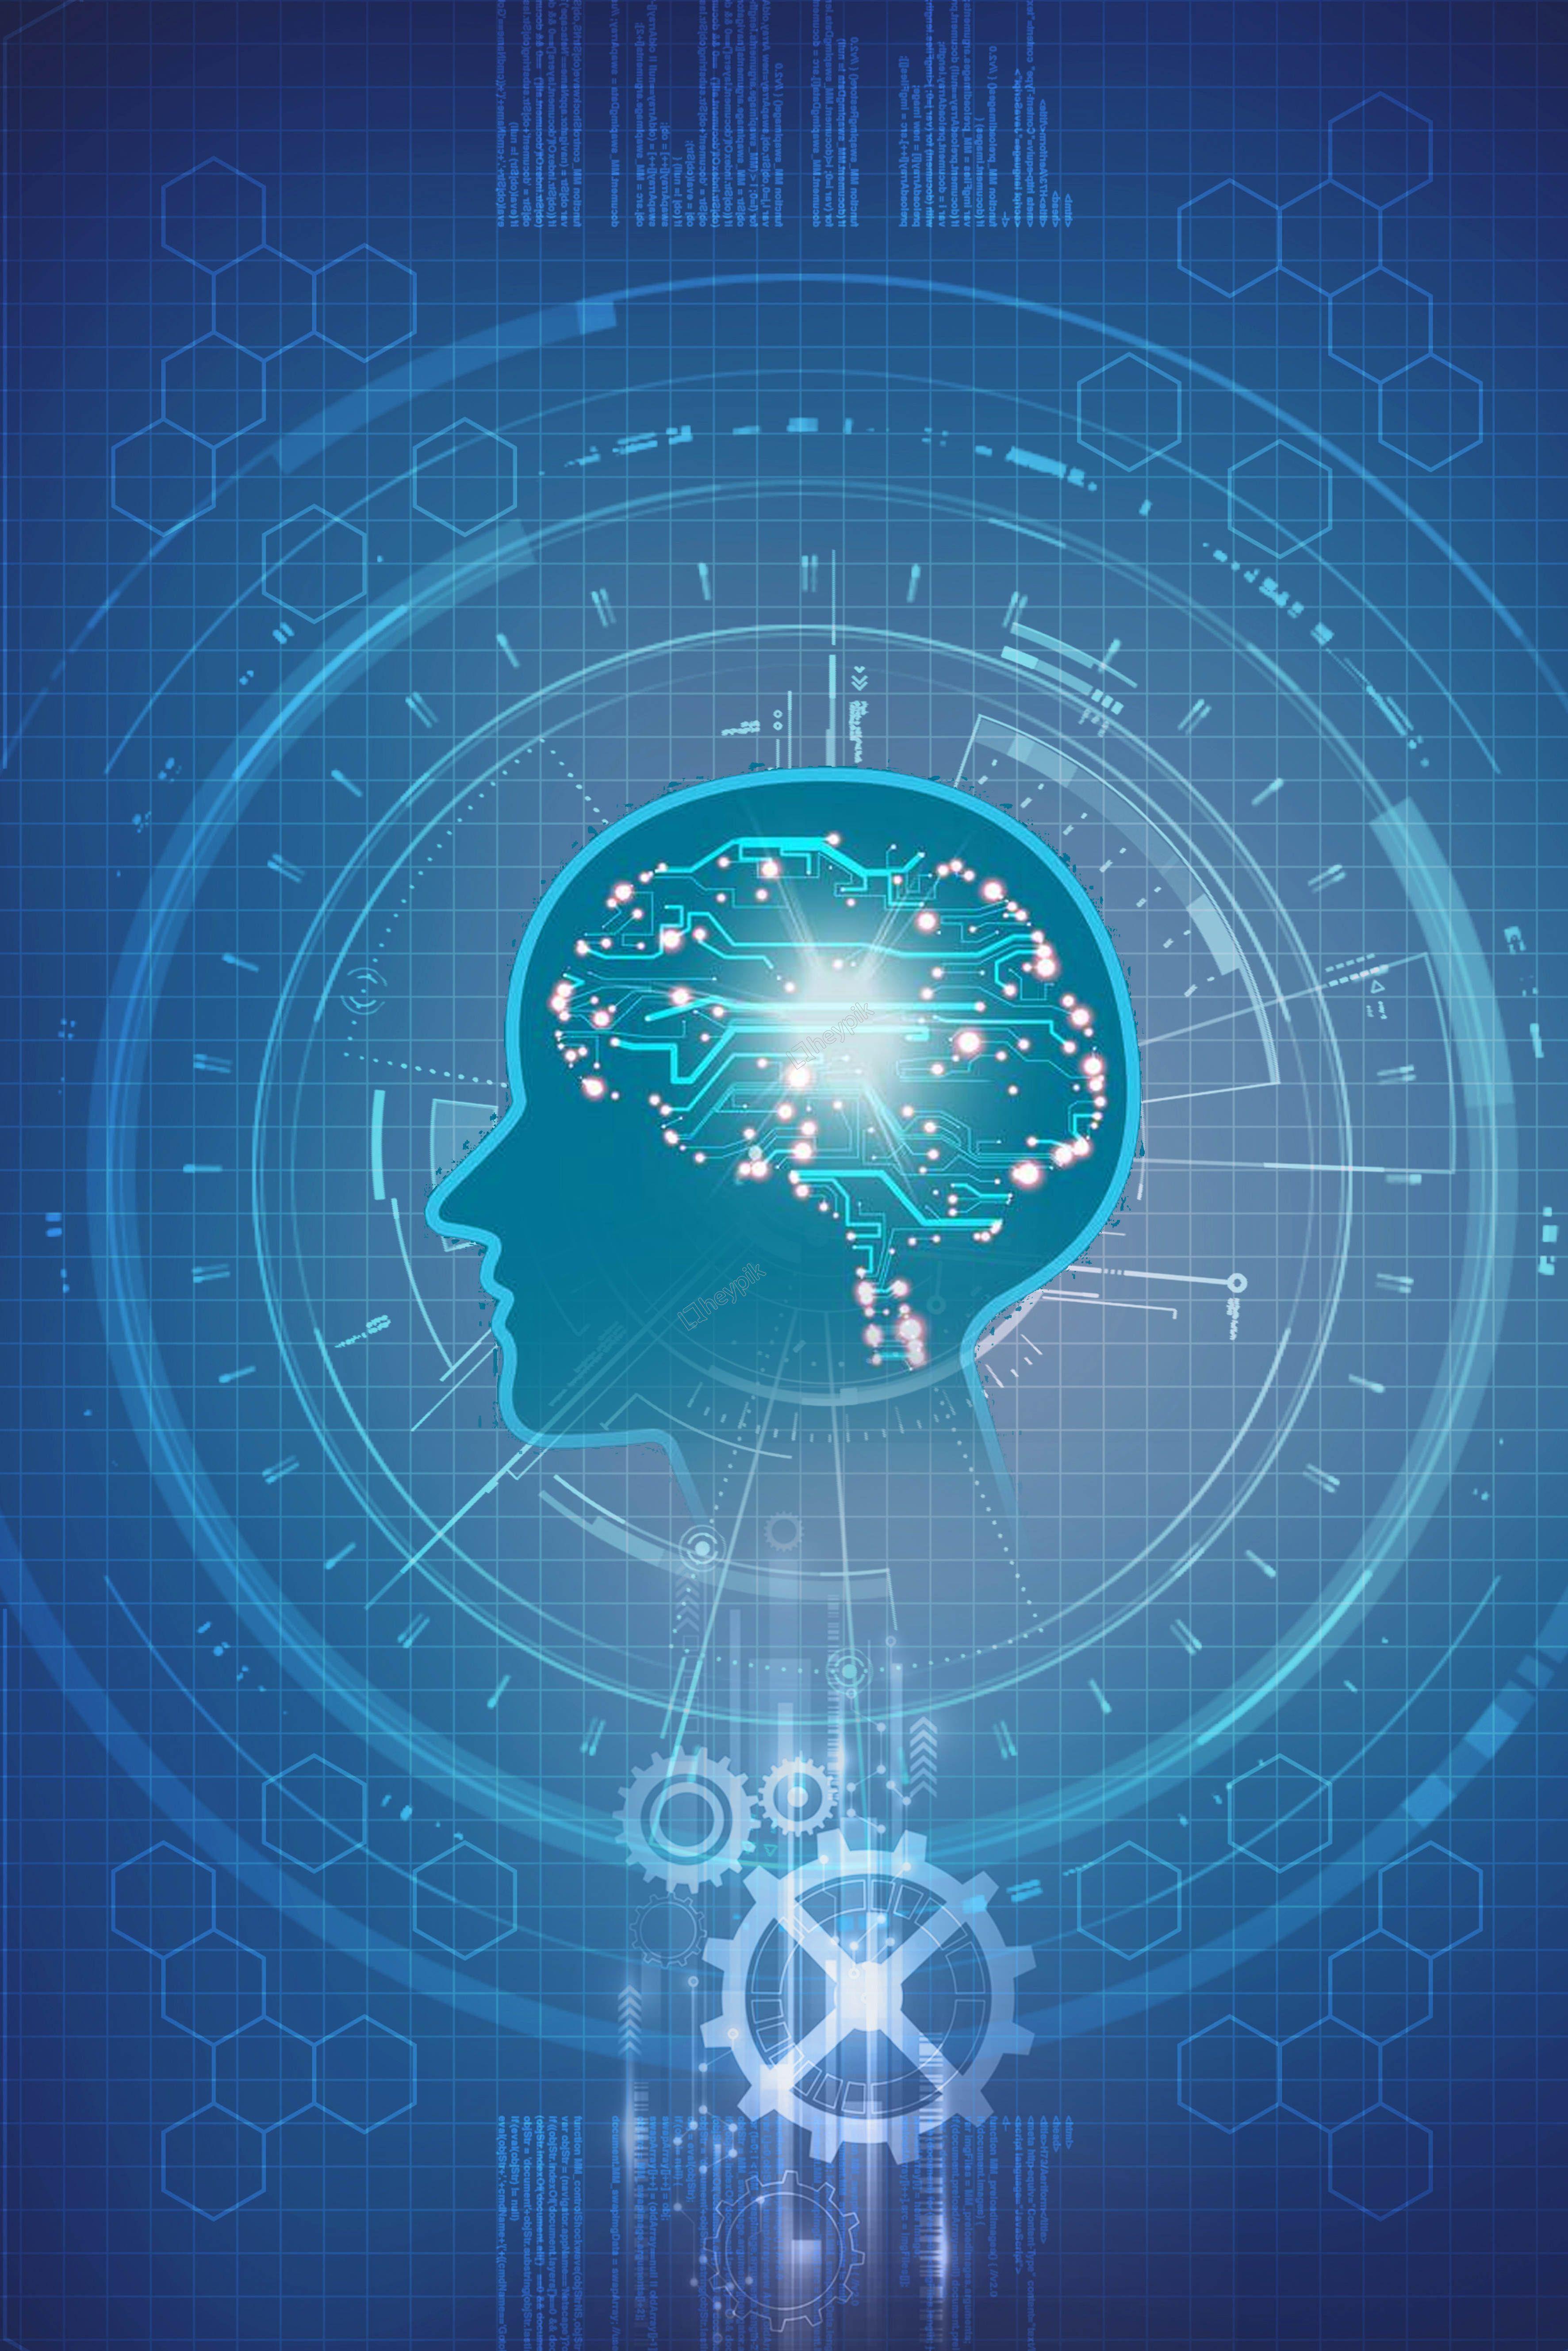 تكنولوجيا ذكاء الدماغ خريطة الإعلان التوليف الإبداعية